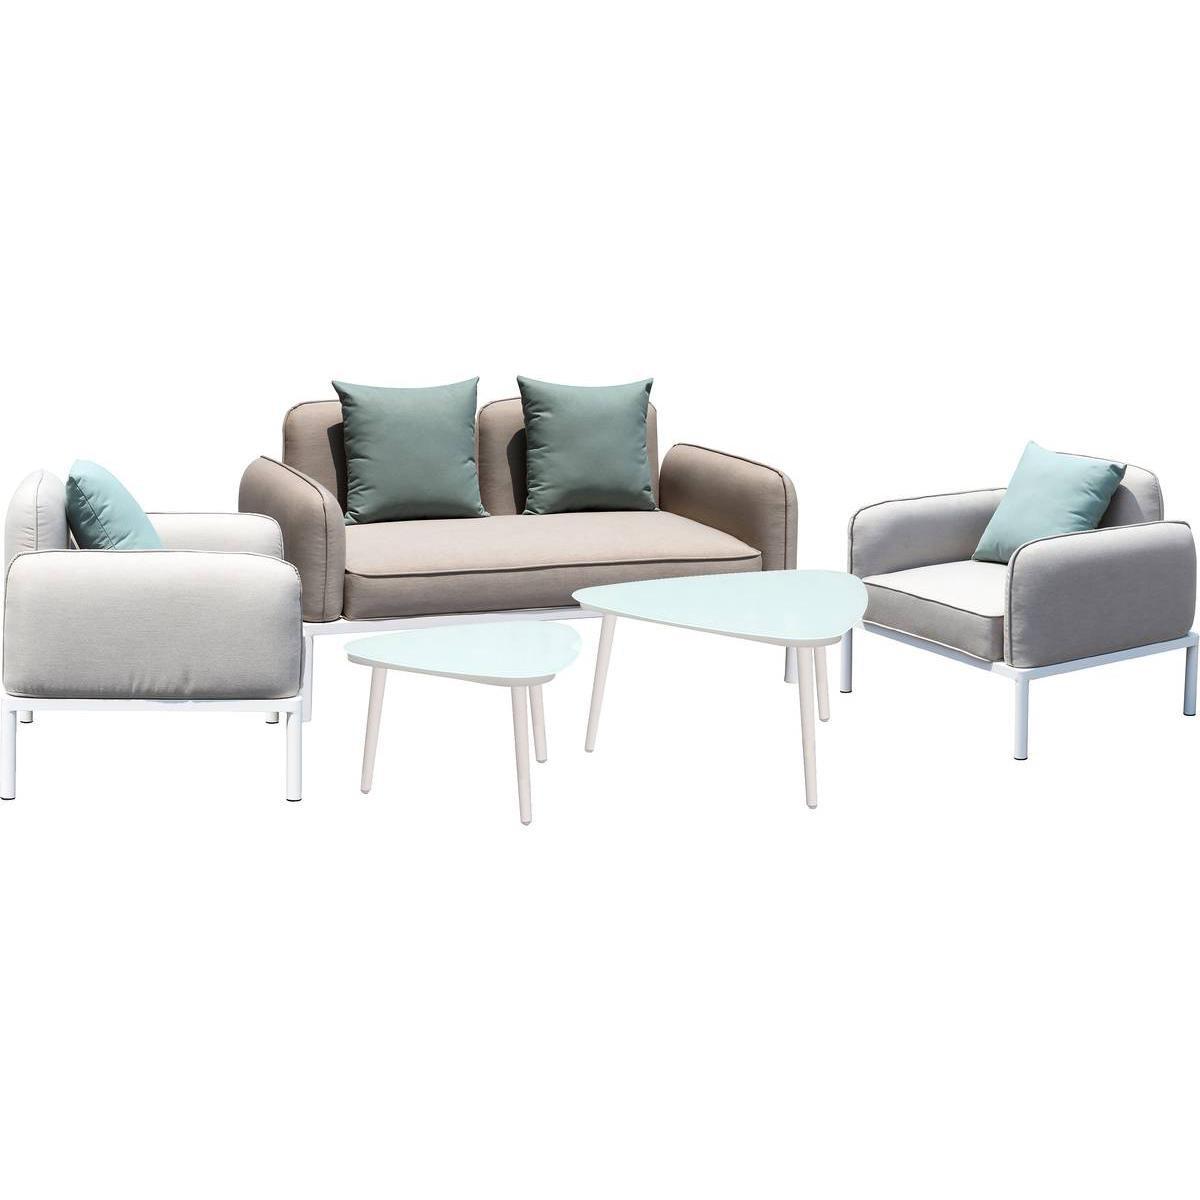 Habitat Et Jardin Salon de jardin en tissu Sevilla - 1 canapé 2 places + 2 fauteuils + 2 tables basses - Gris